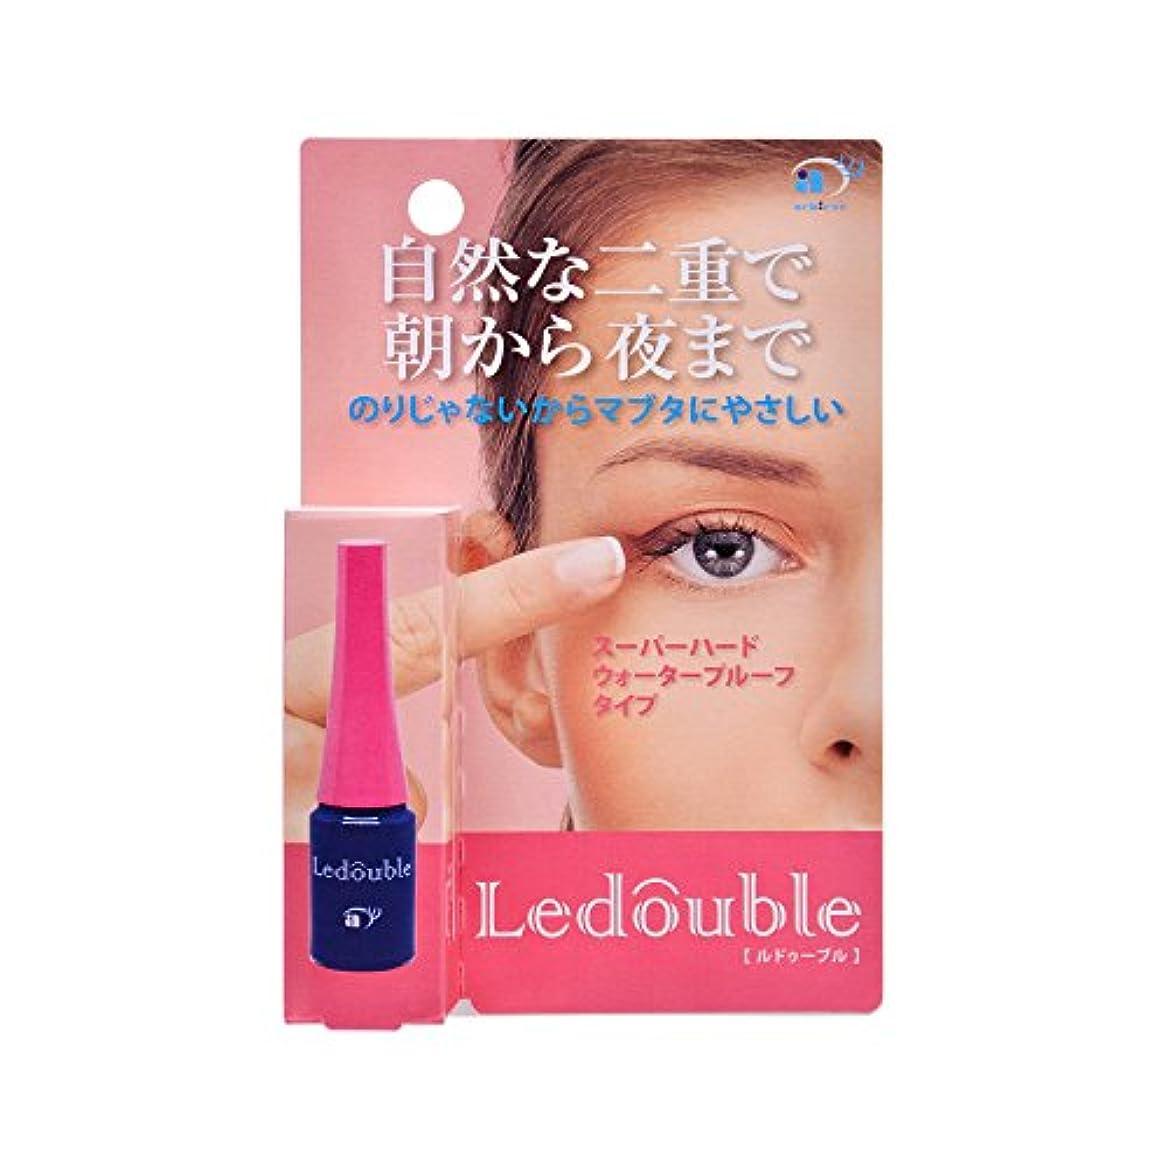 受け皿インタビューオートマトンLedouble [ルドゥーブル] 二重まぶた化粧品 (2mL)